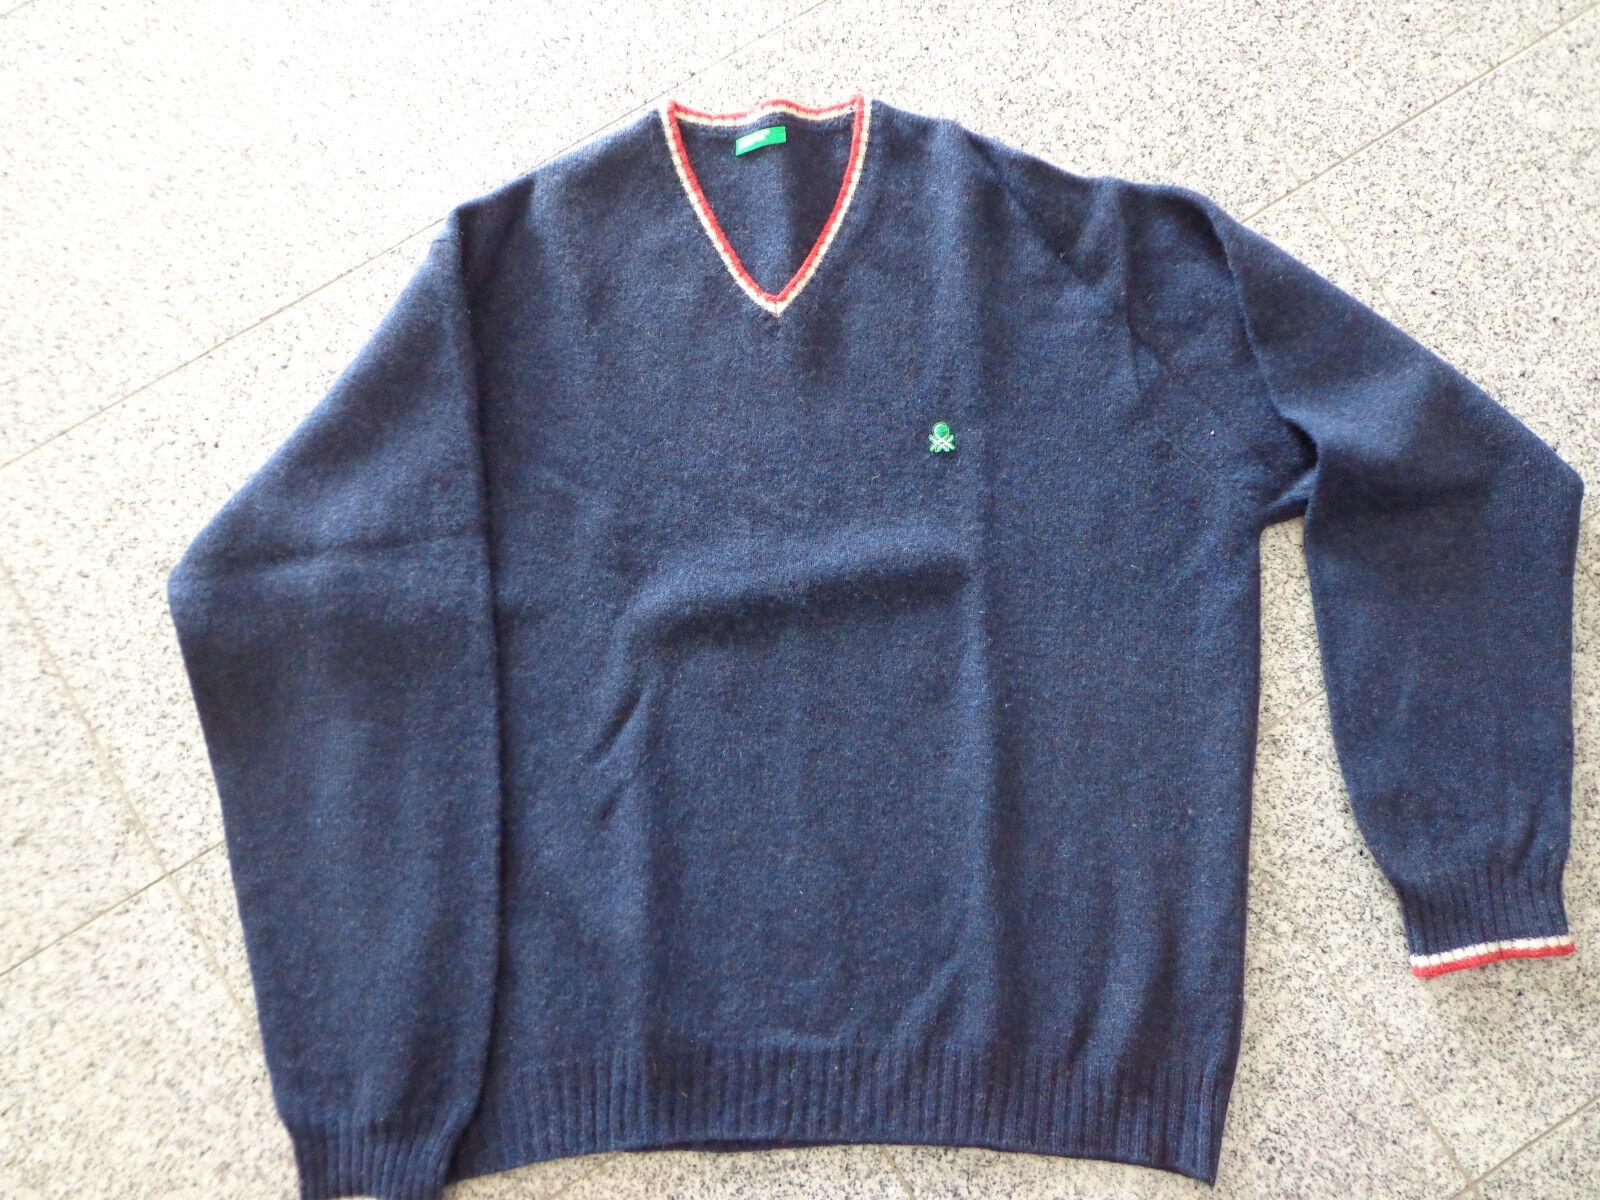 ♣ Pullover per Uomo da Benetton Taglia  XL; Blu scuro; PURA LANA VERGINE ♣